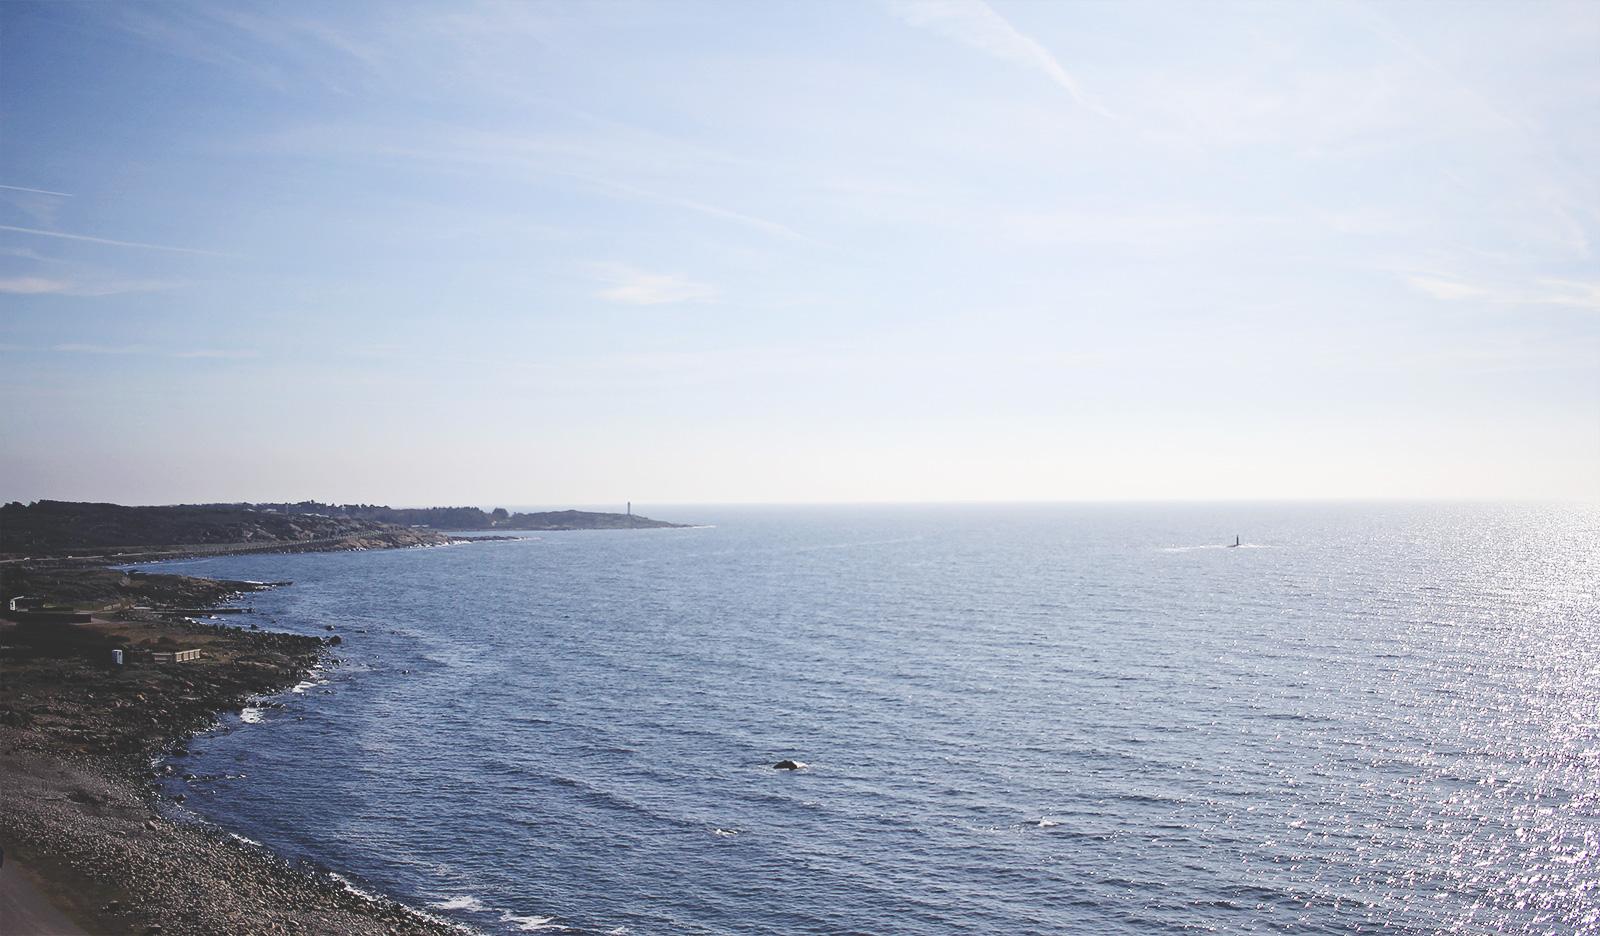 varberg-och-havet-29